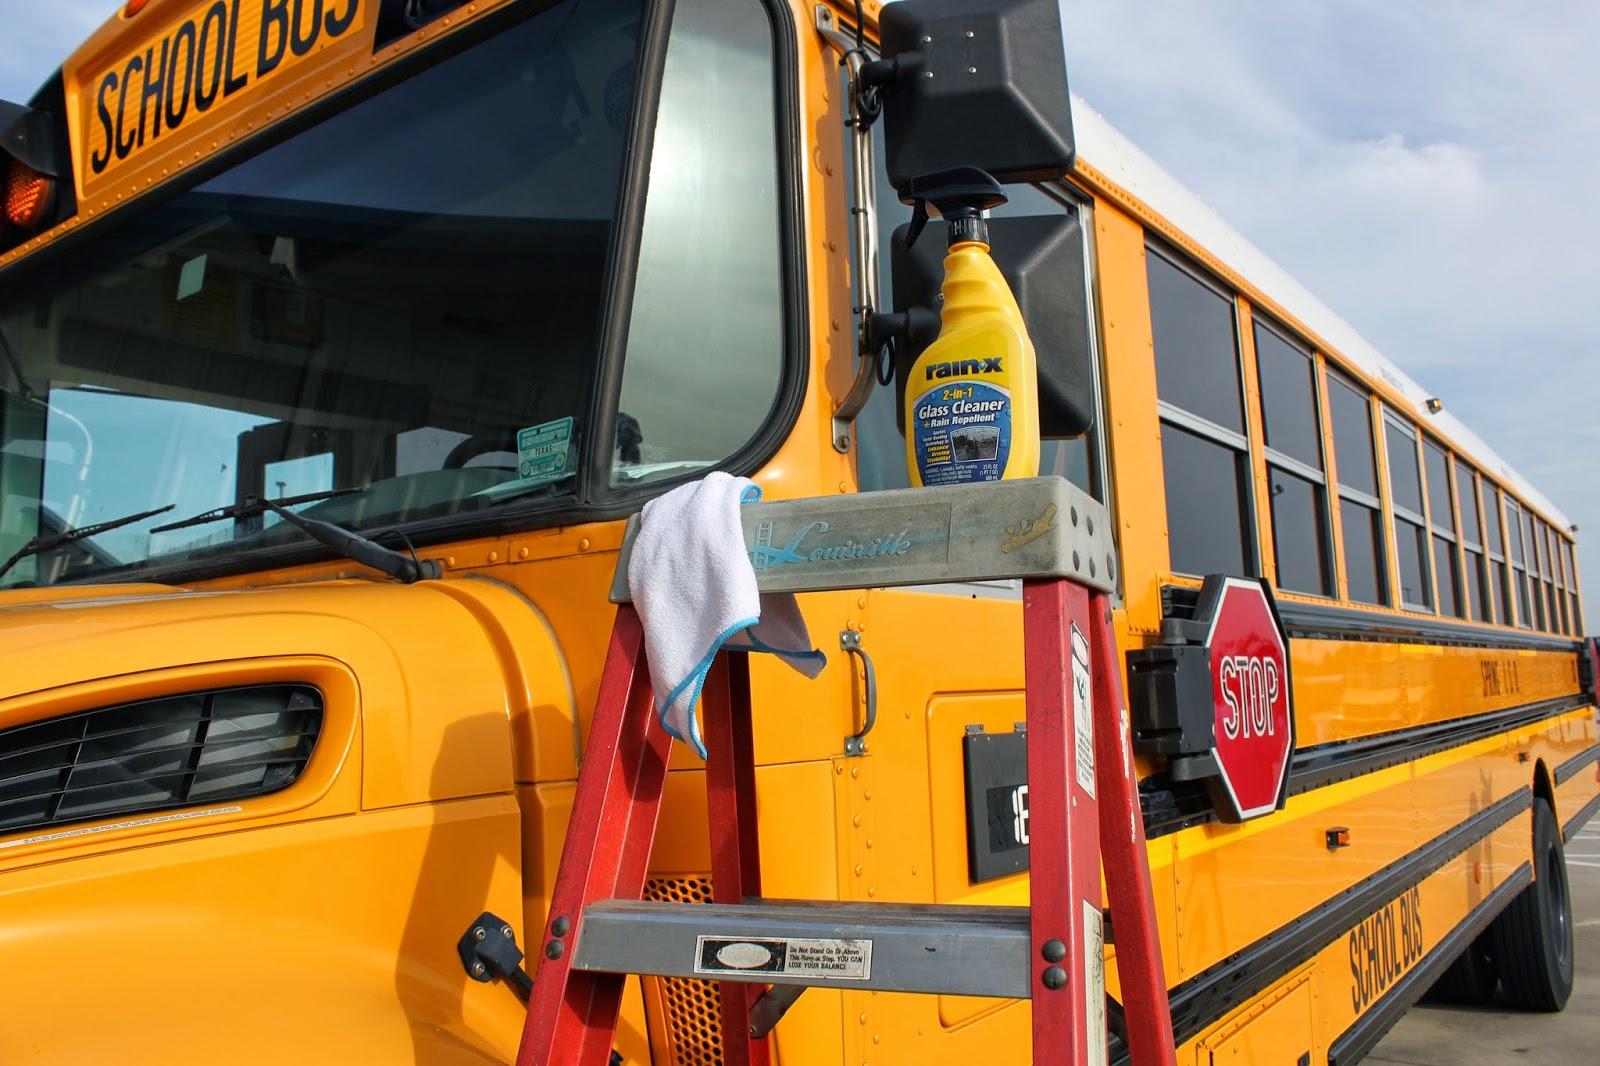 Rain-X on school bus